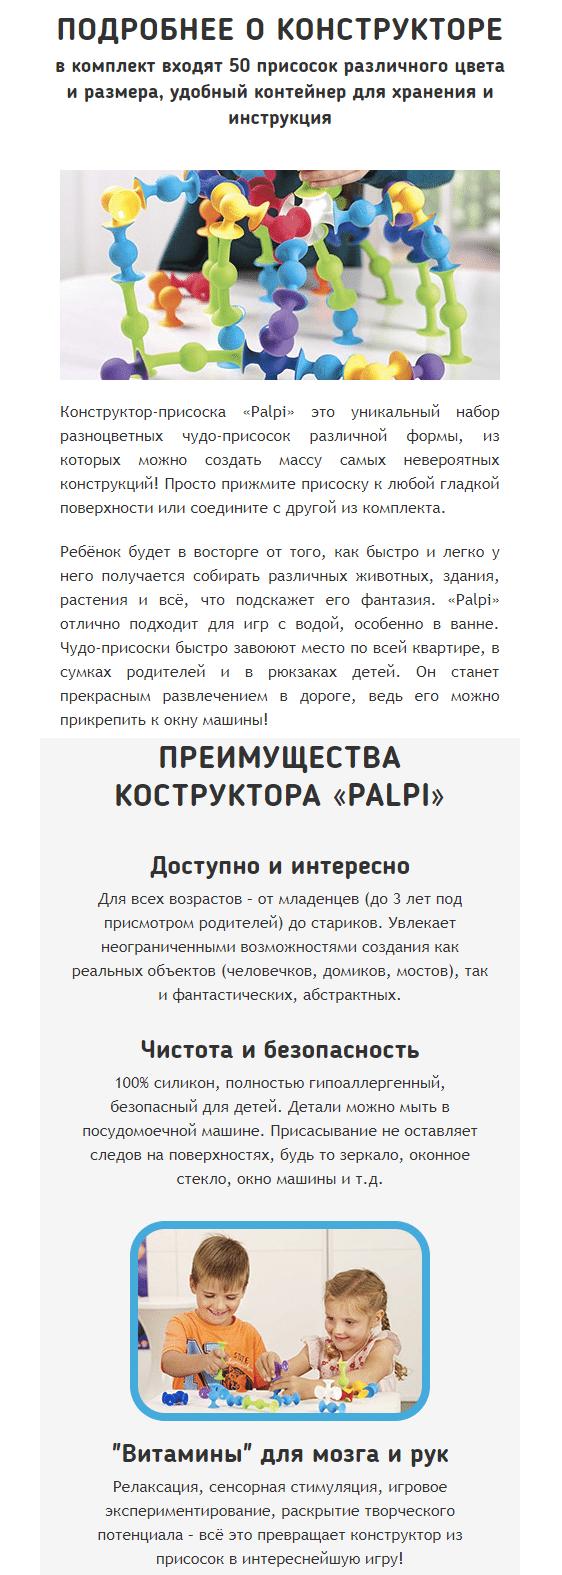 Конструктор-присоска Palpi купить